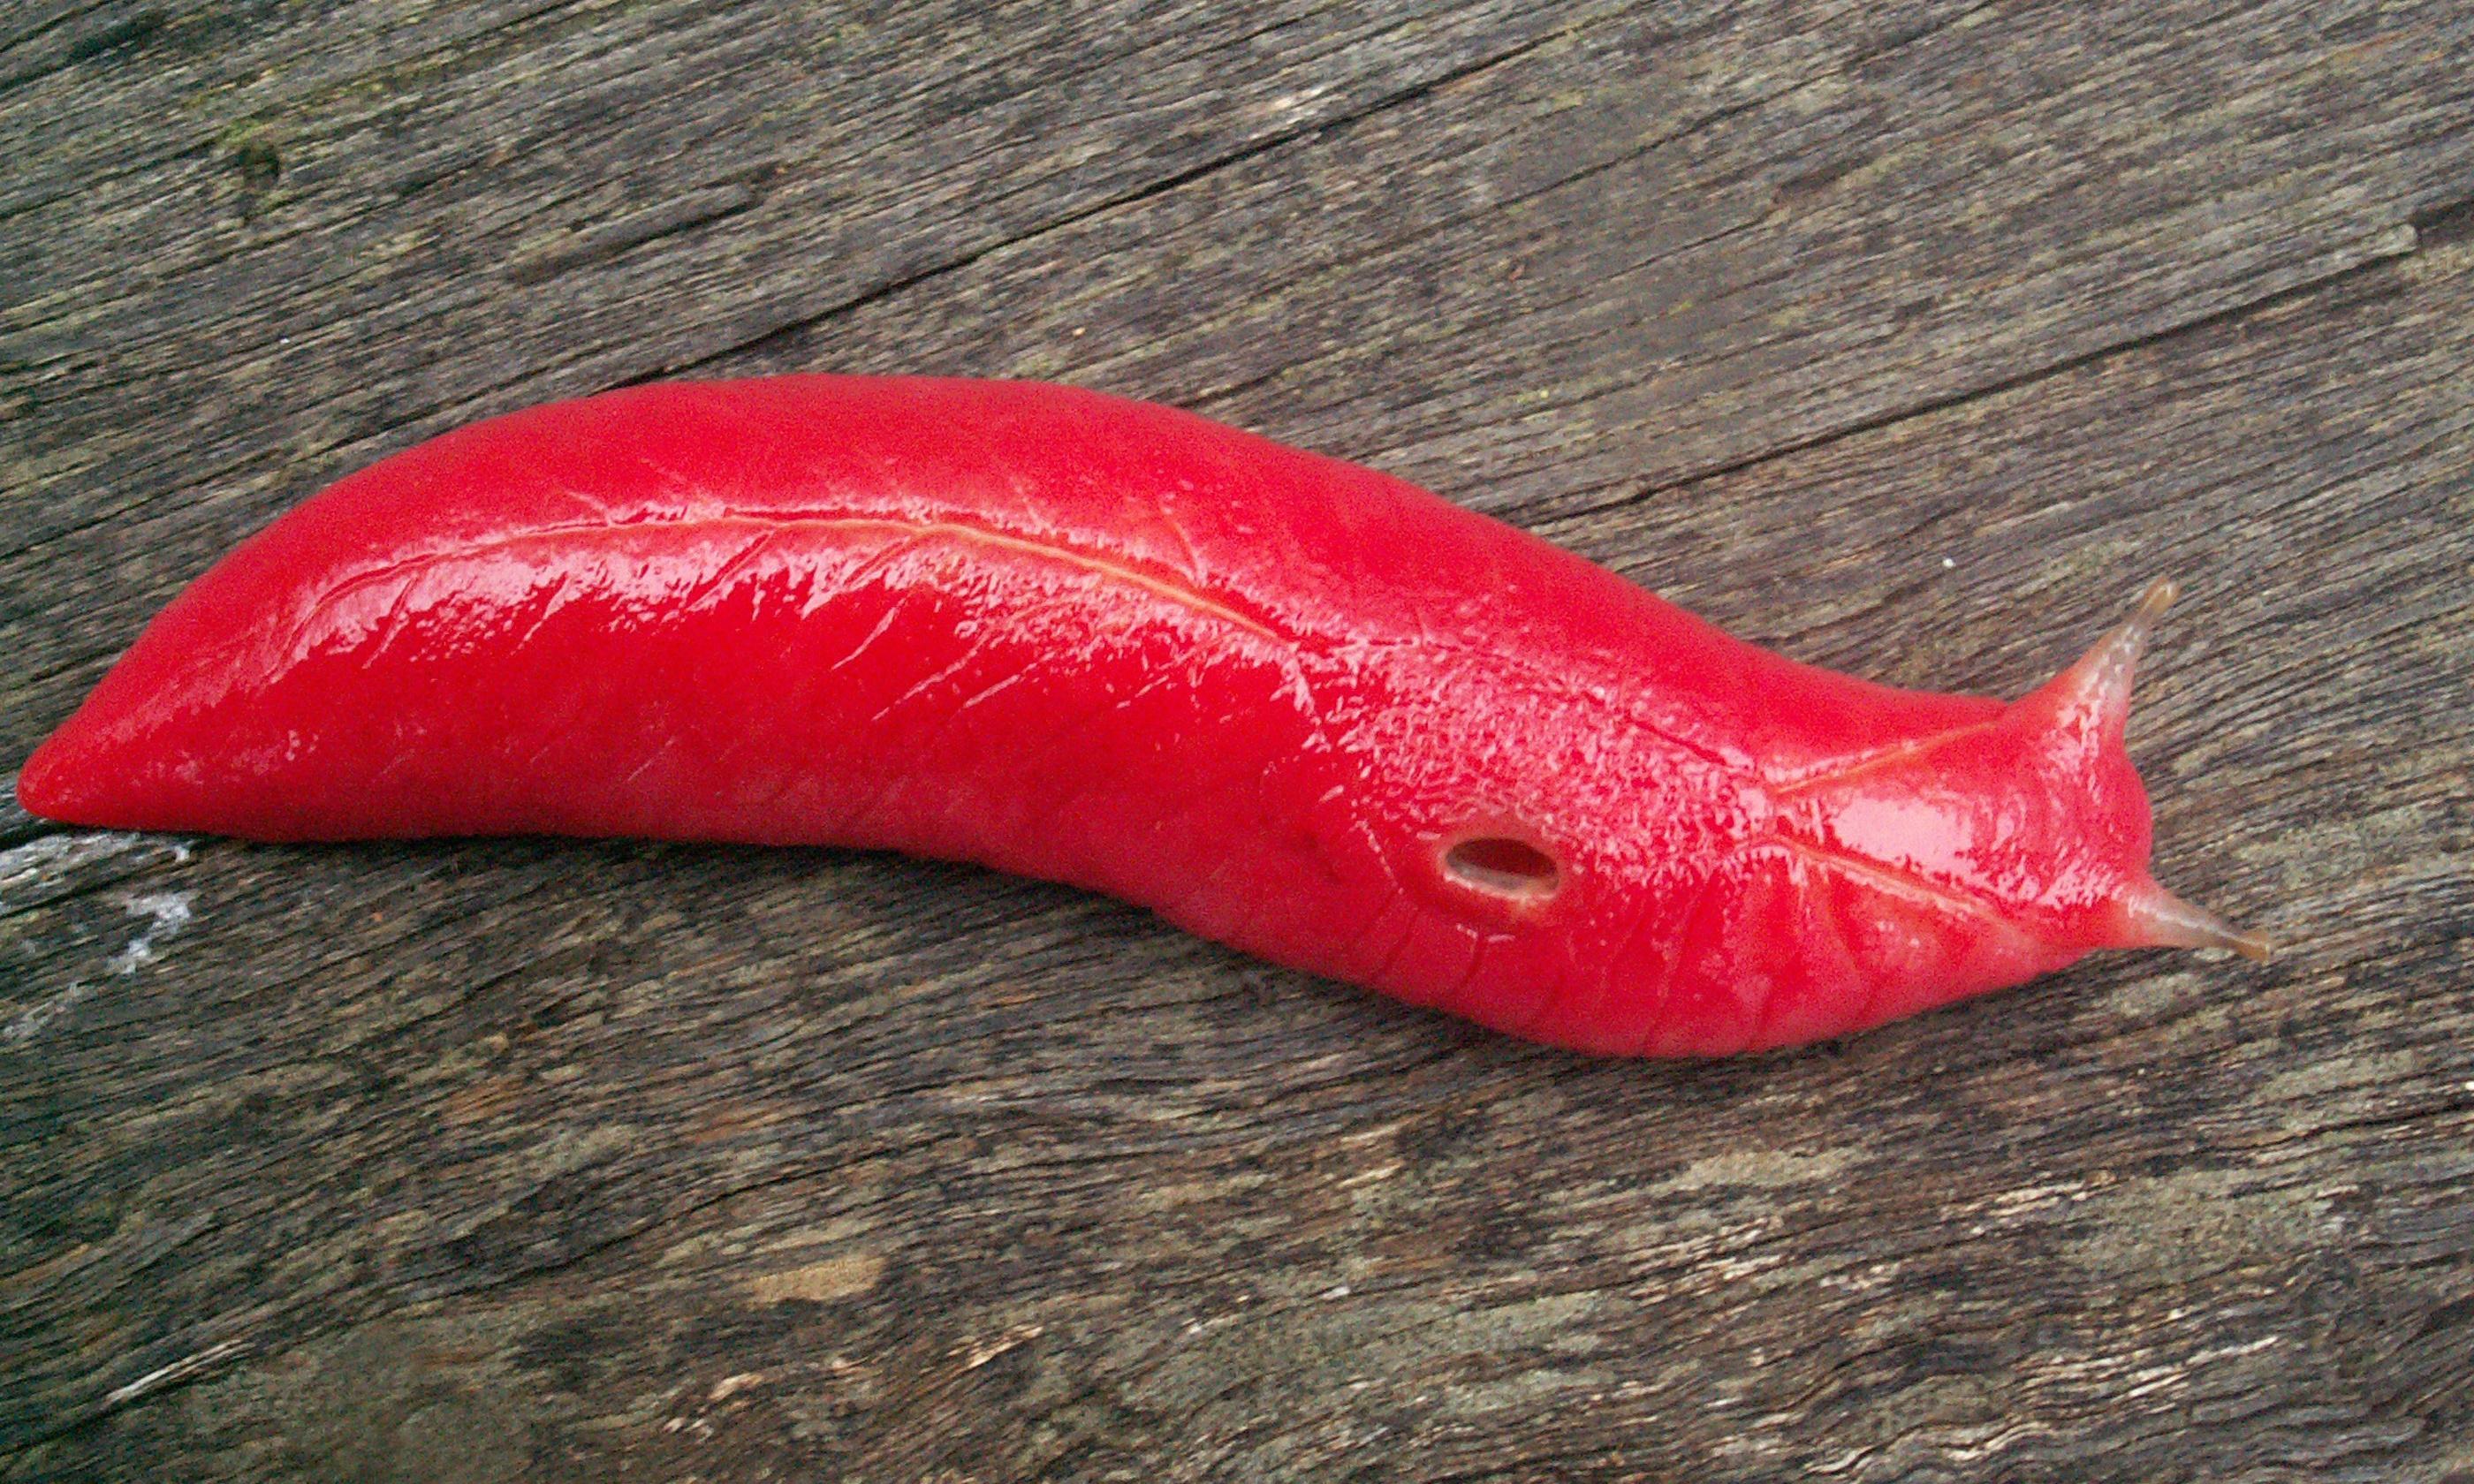 Fluorescent pink slug, unique to Australian mountaintop, survives bushfires